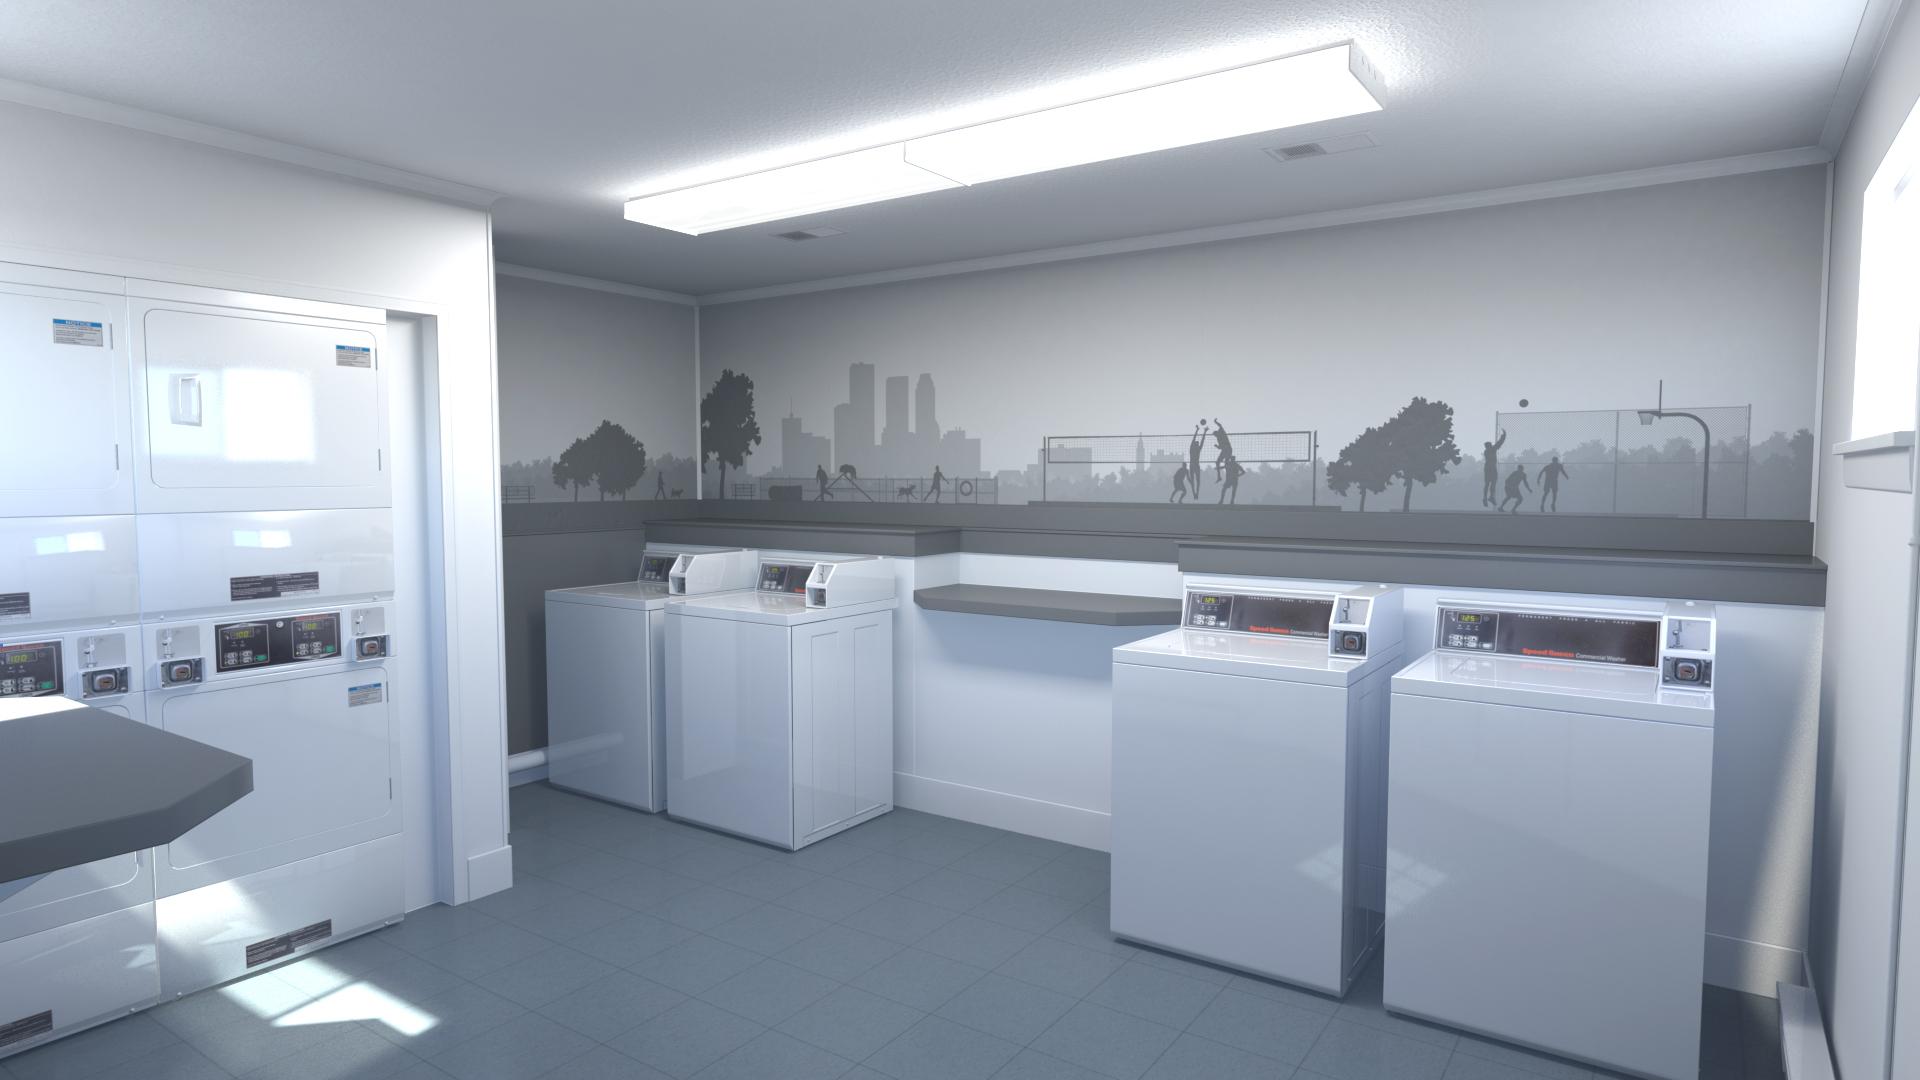 Laundry_Image1.jpg